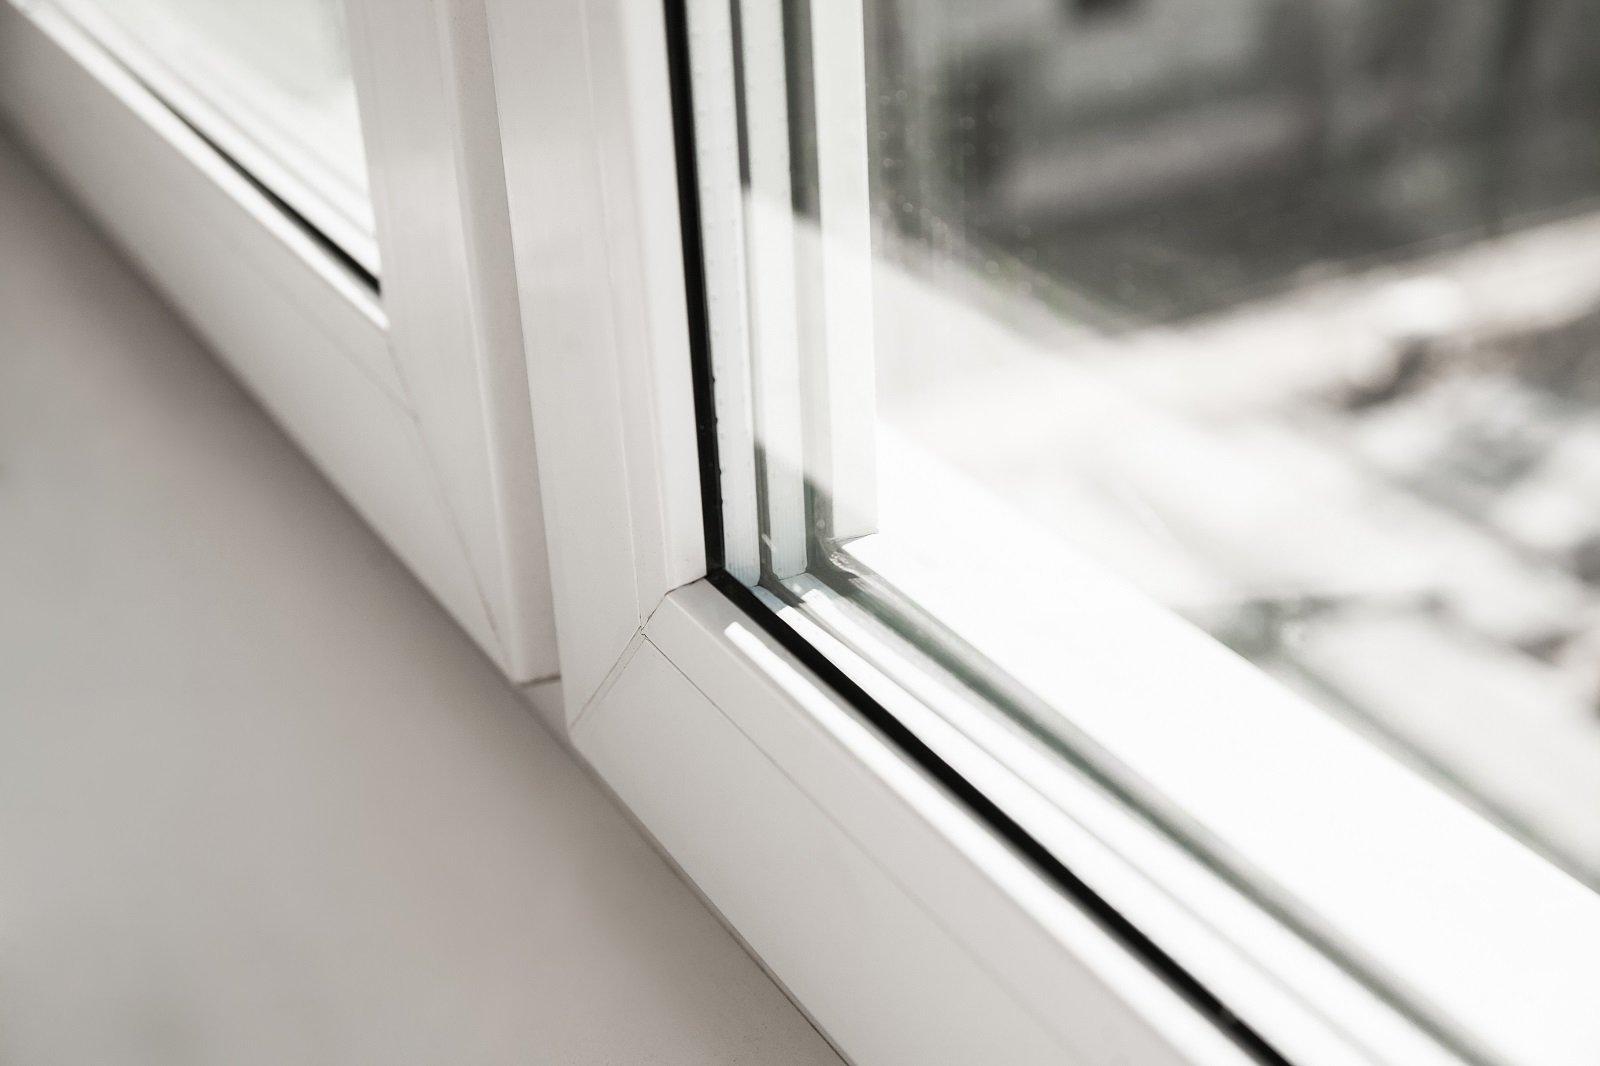 Particolare di una finestra realizzata in pvc